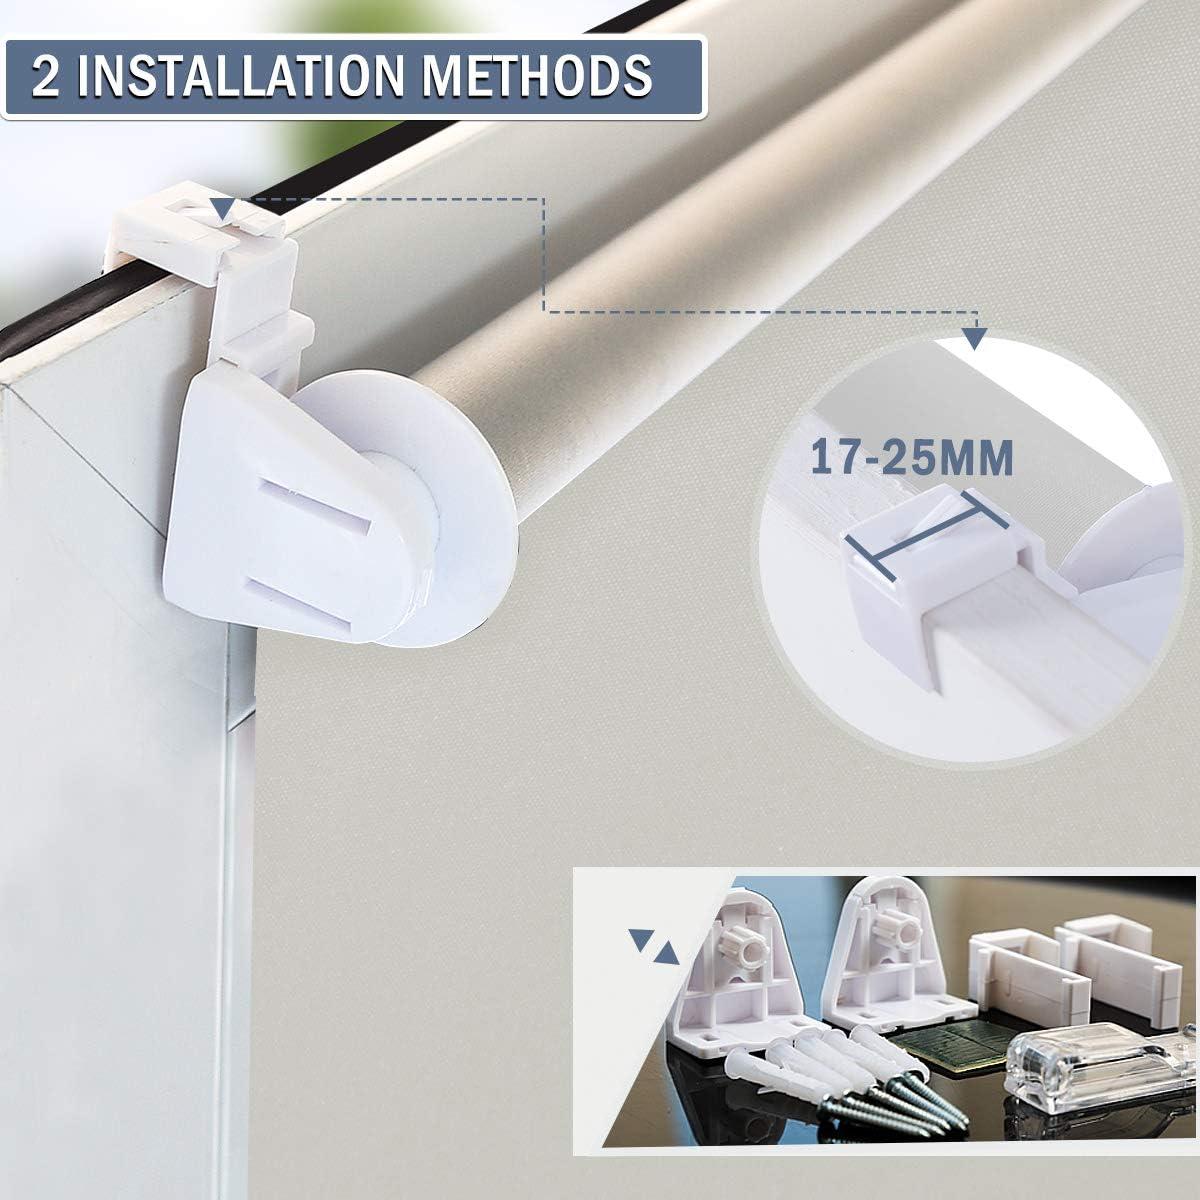 Allesin Store Enrouleur Occultant Thermique sans Per/çage Beige 45 x 130 cm Rideaux Occultant Opaque Isolant Montage Simple